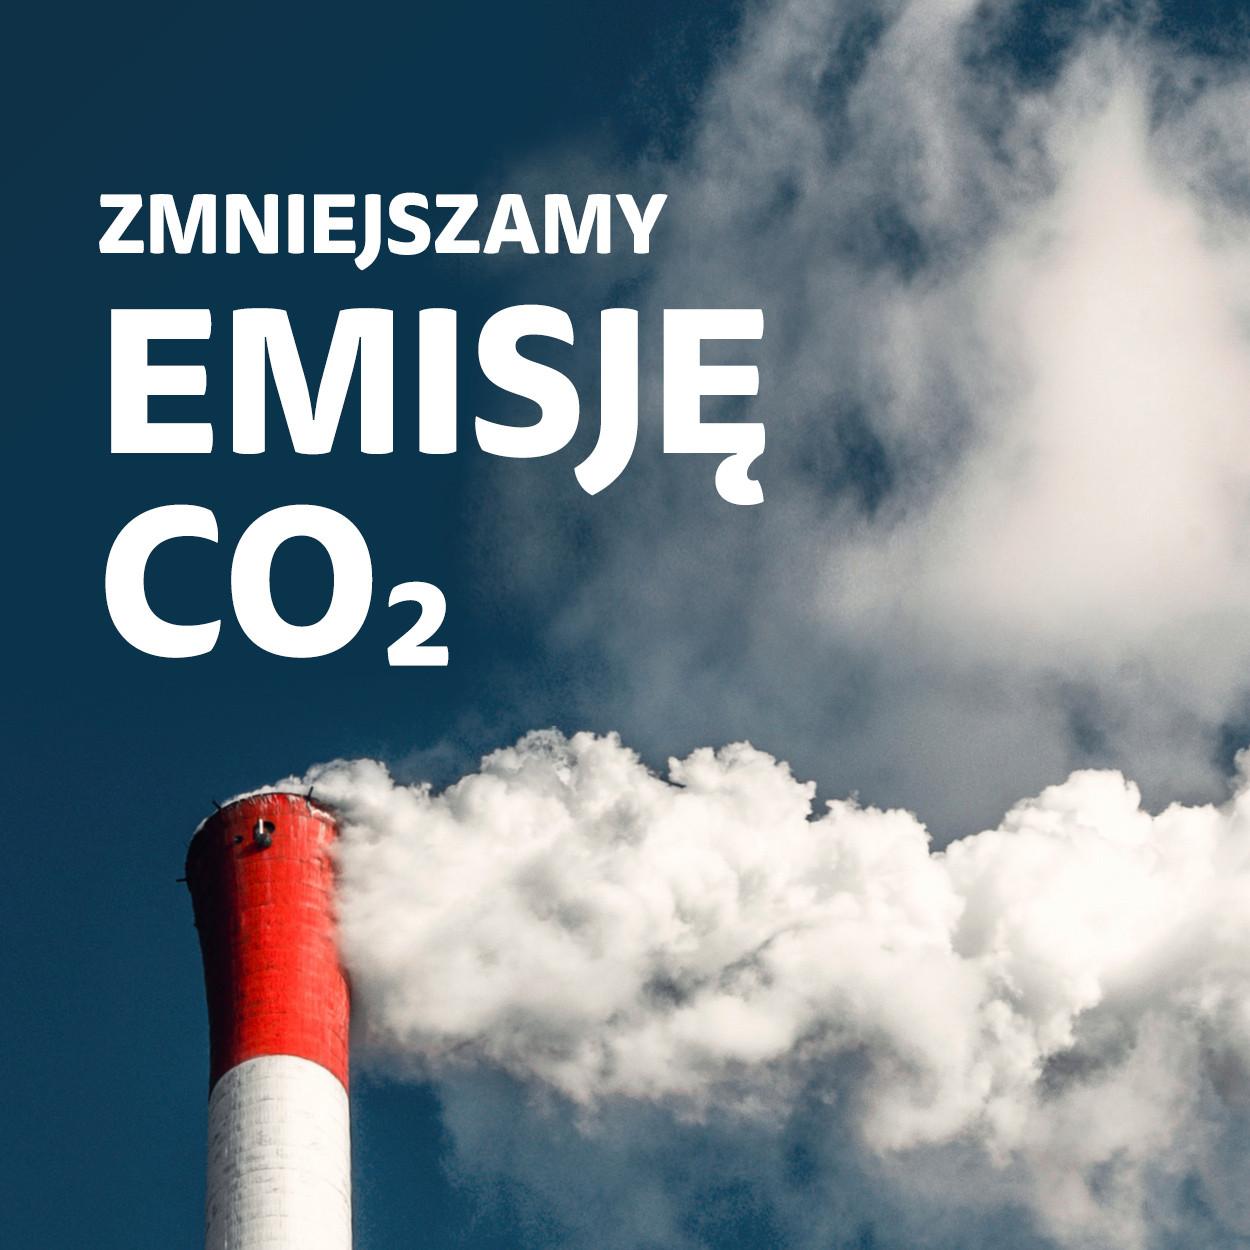 Zmniejszamy emisję CO2